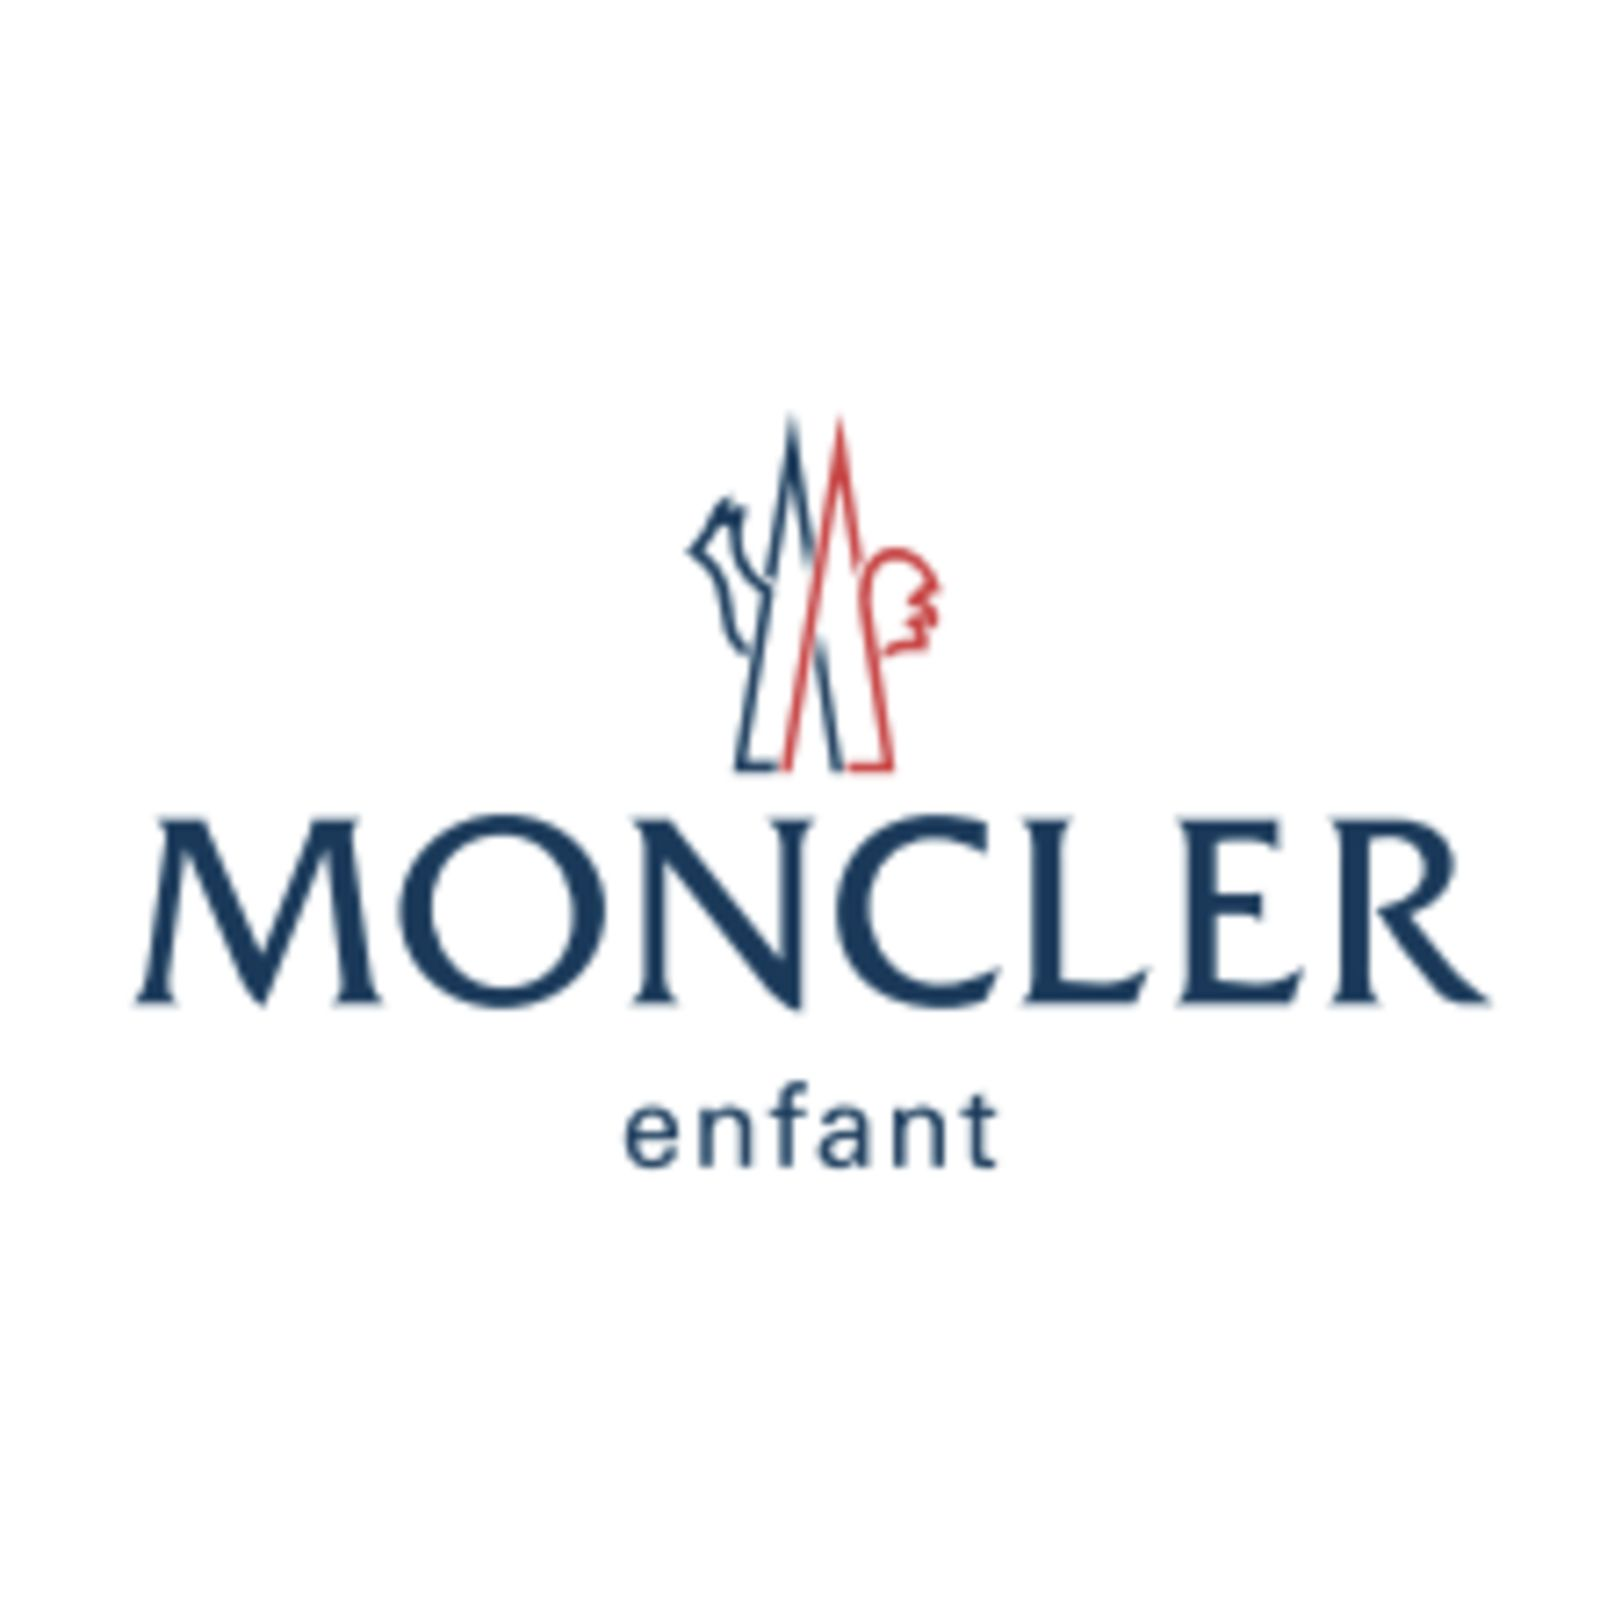 MONCLER enfant (Image 1)